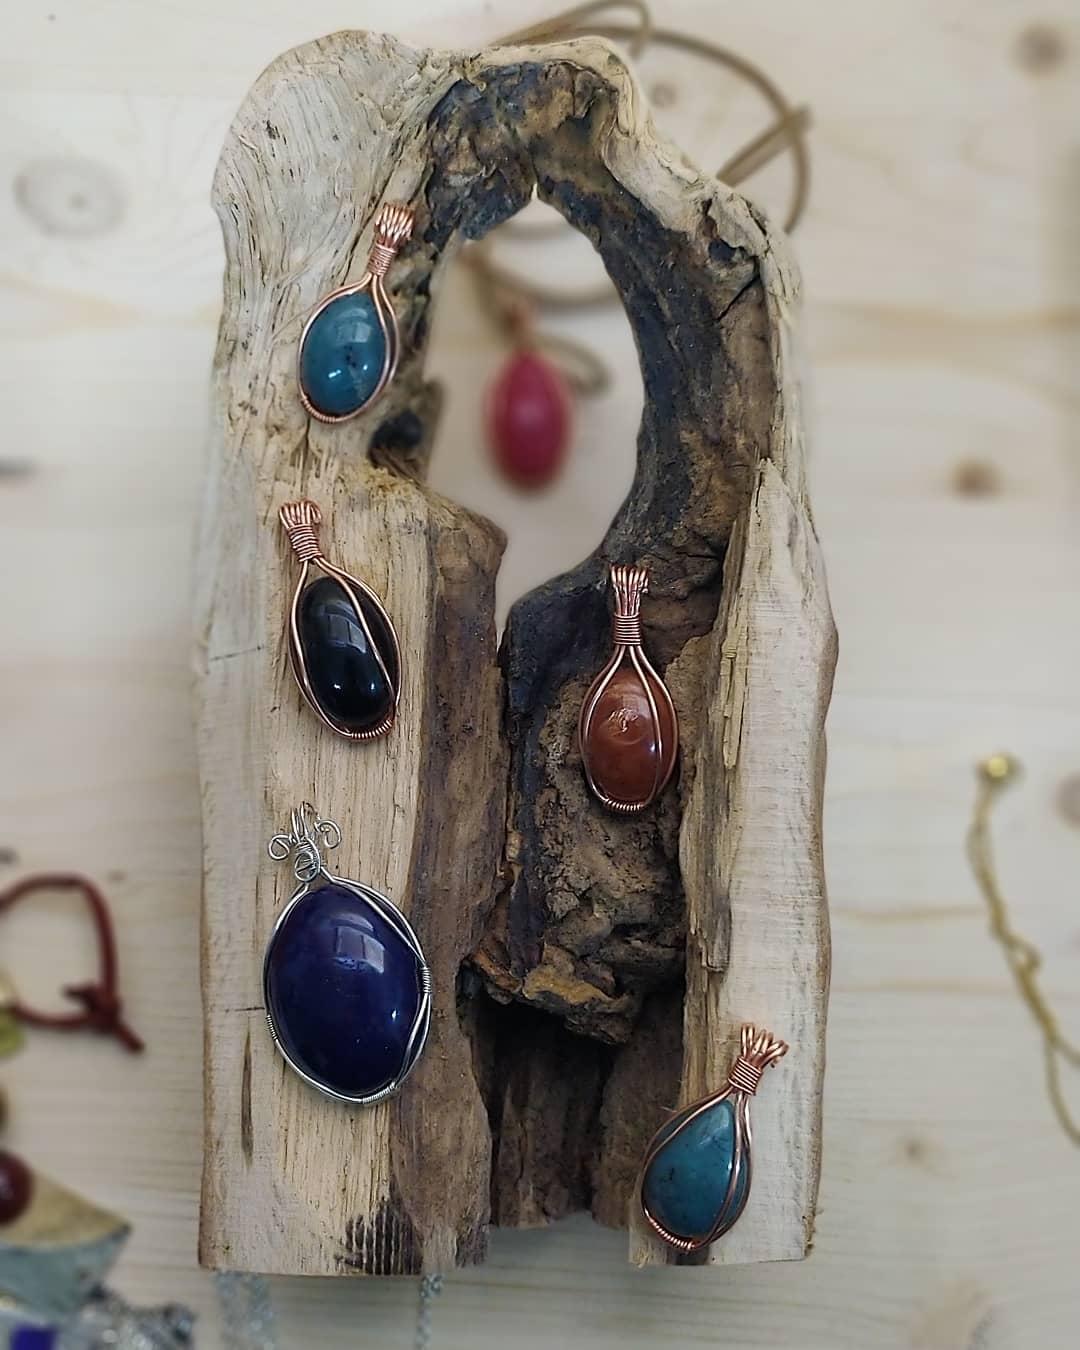 Μοναδικά χειροποίητα κοσμήματα από τονκ.Κοντιζά